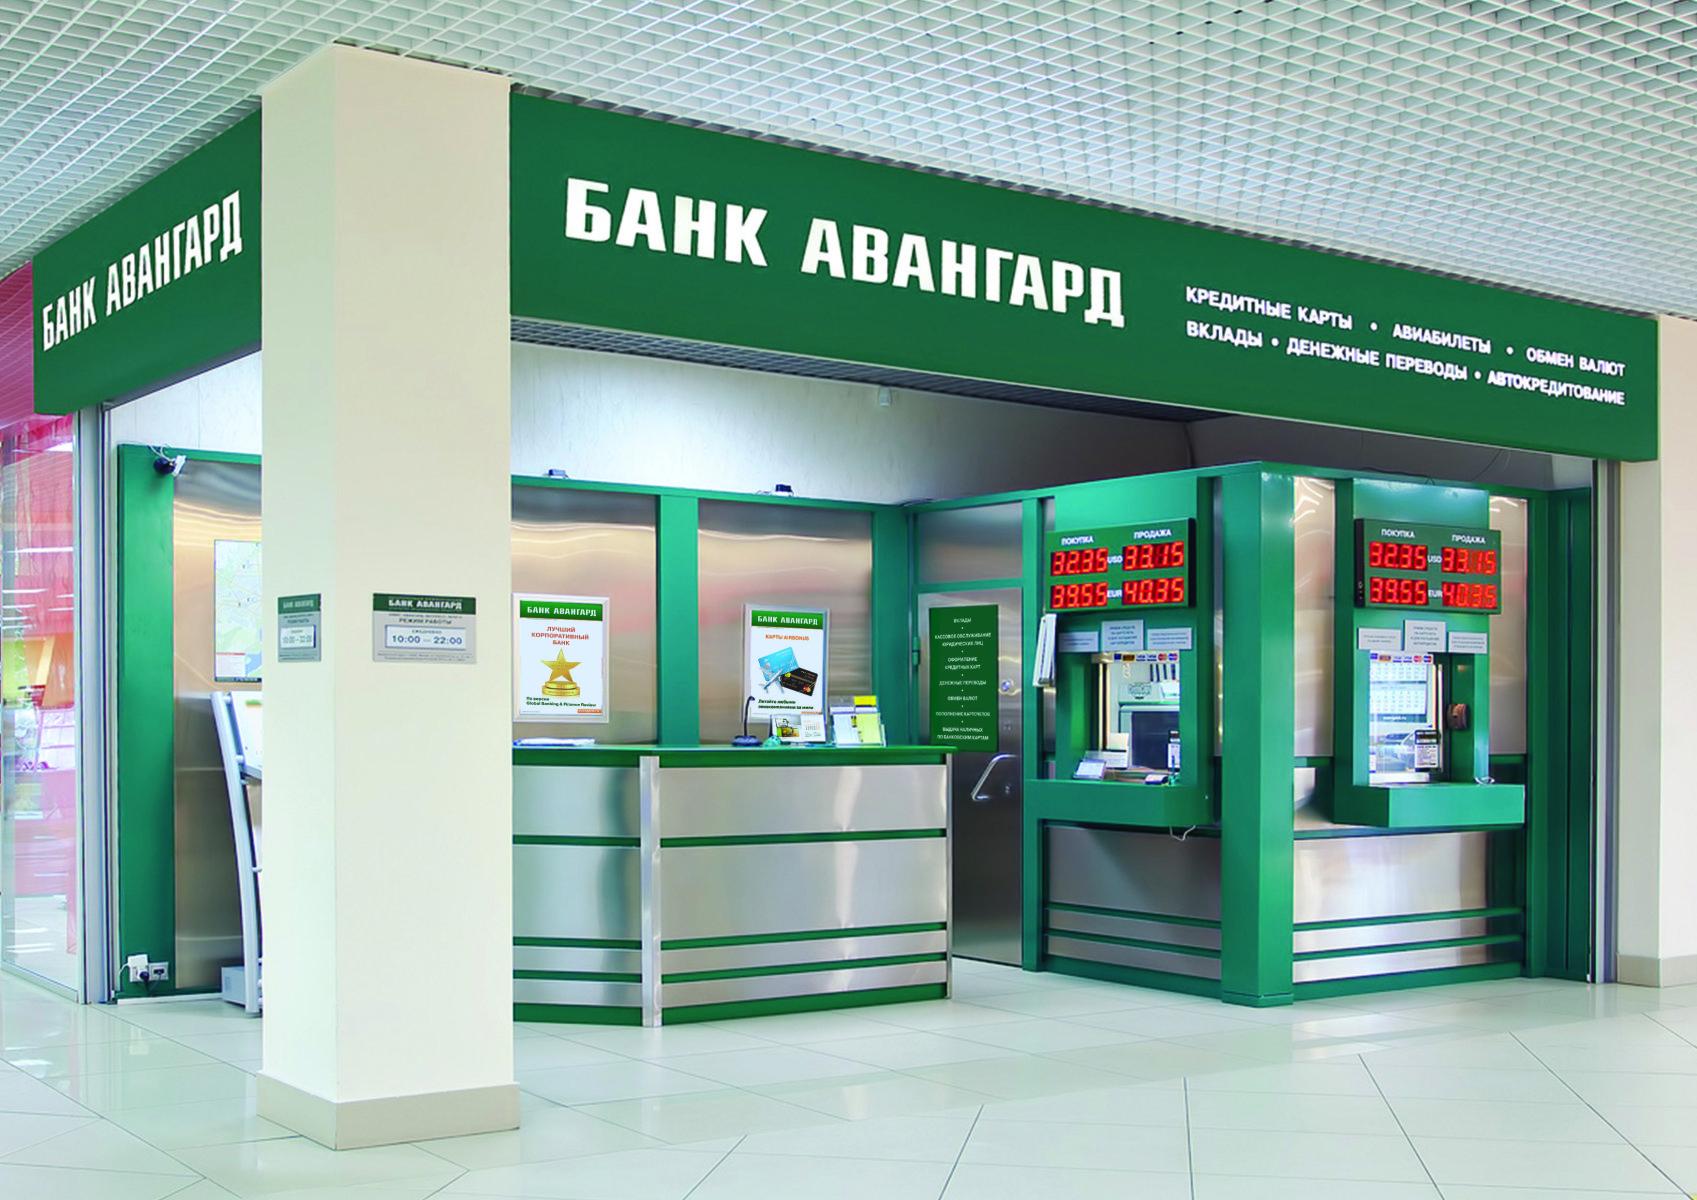 Как открыть расчетный счет для ИП в банке Авангард: документы, сроки, стоимость обслуживания